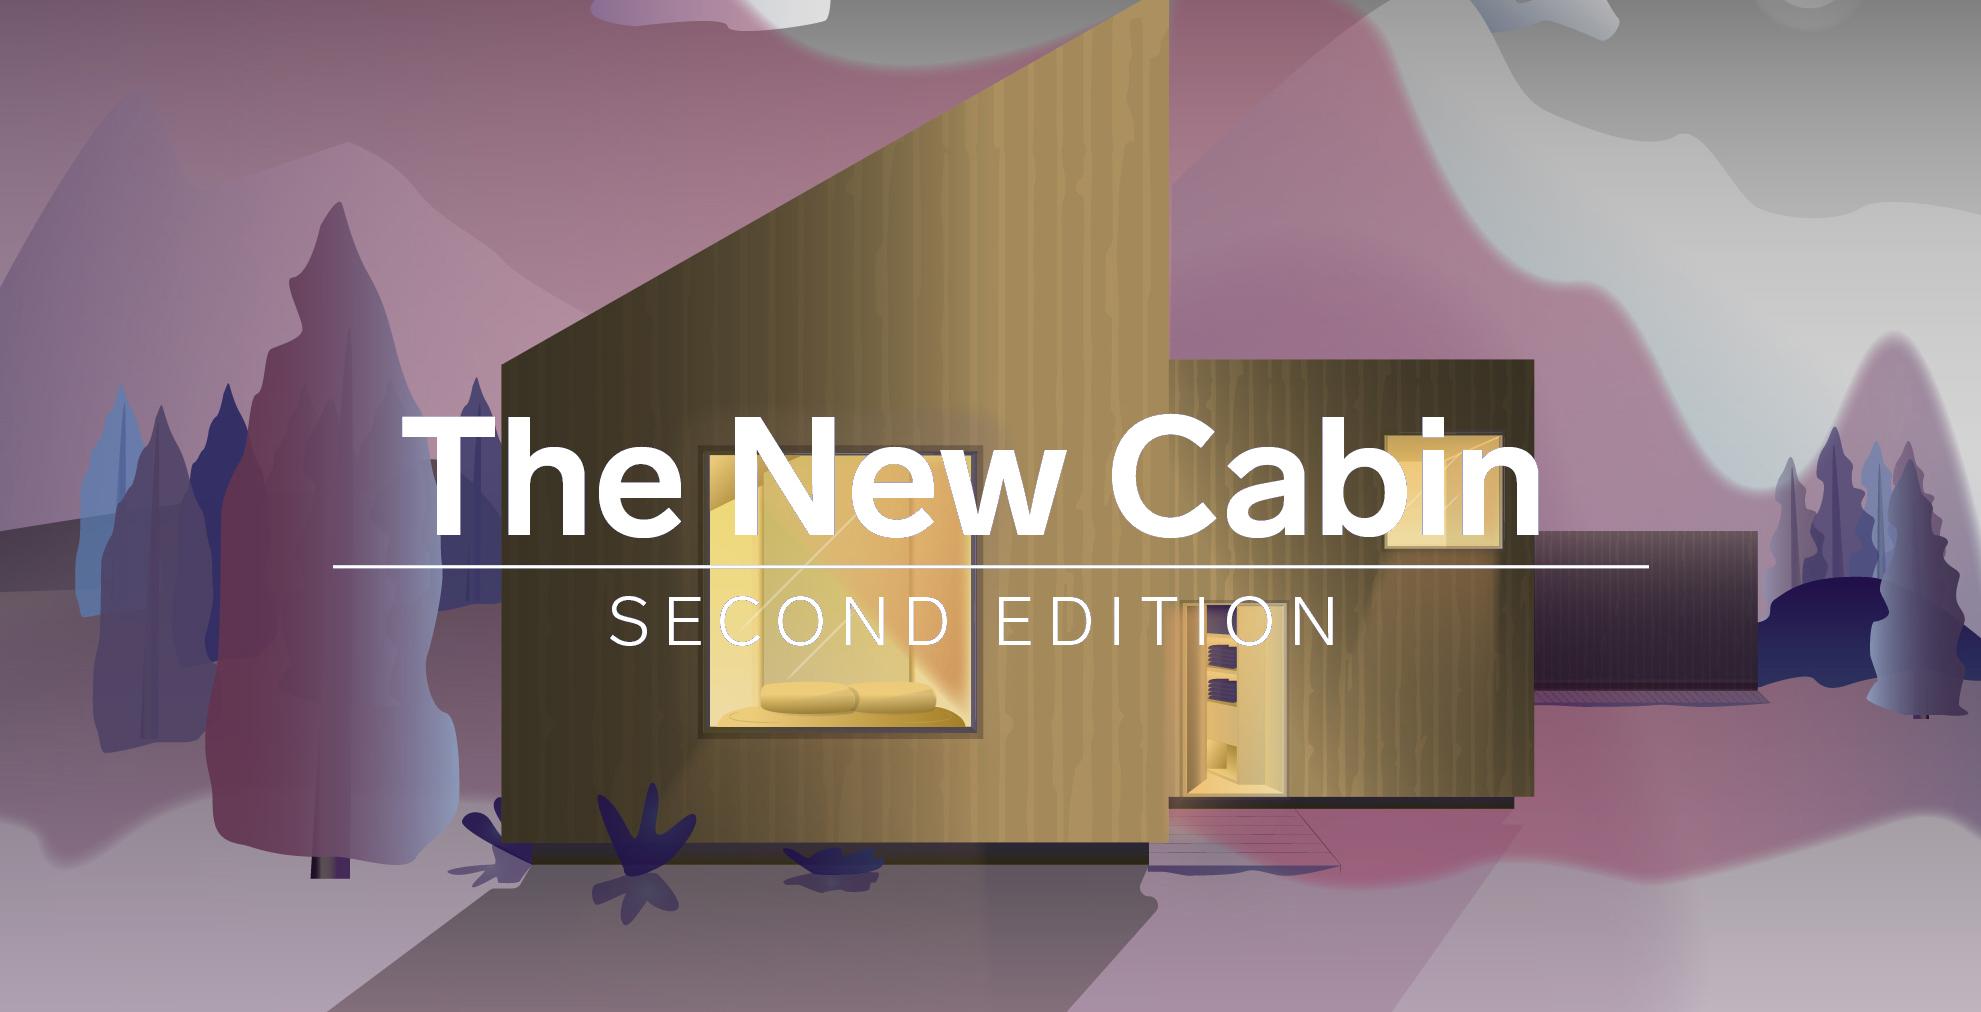 第二届新式小屋设计竞赛